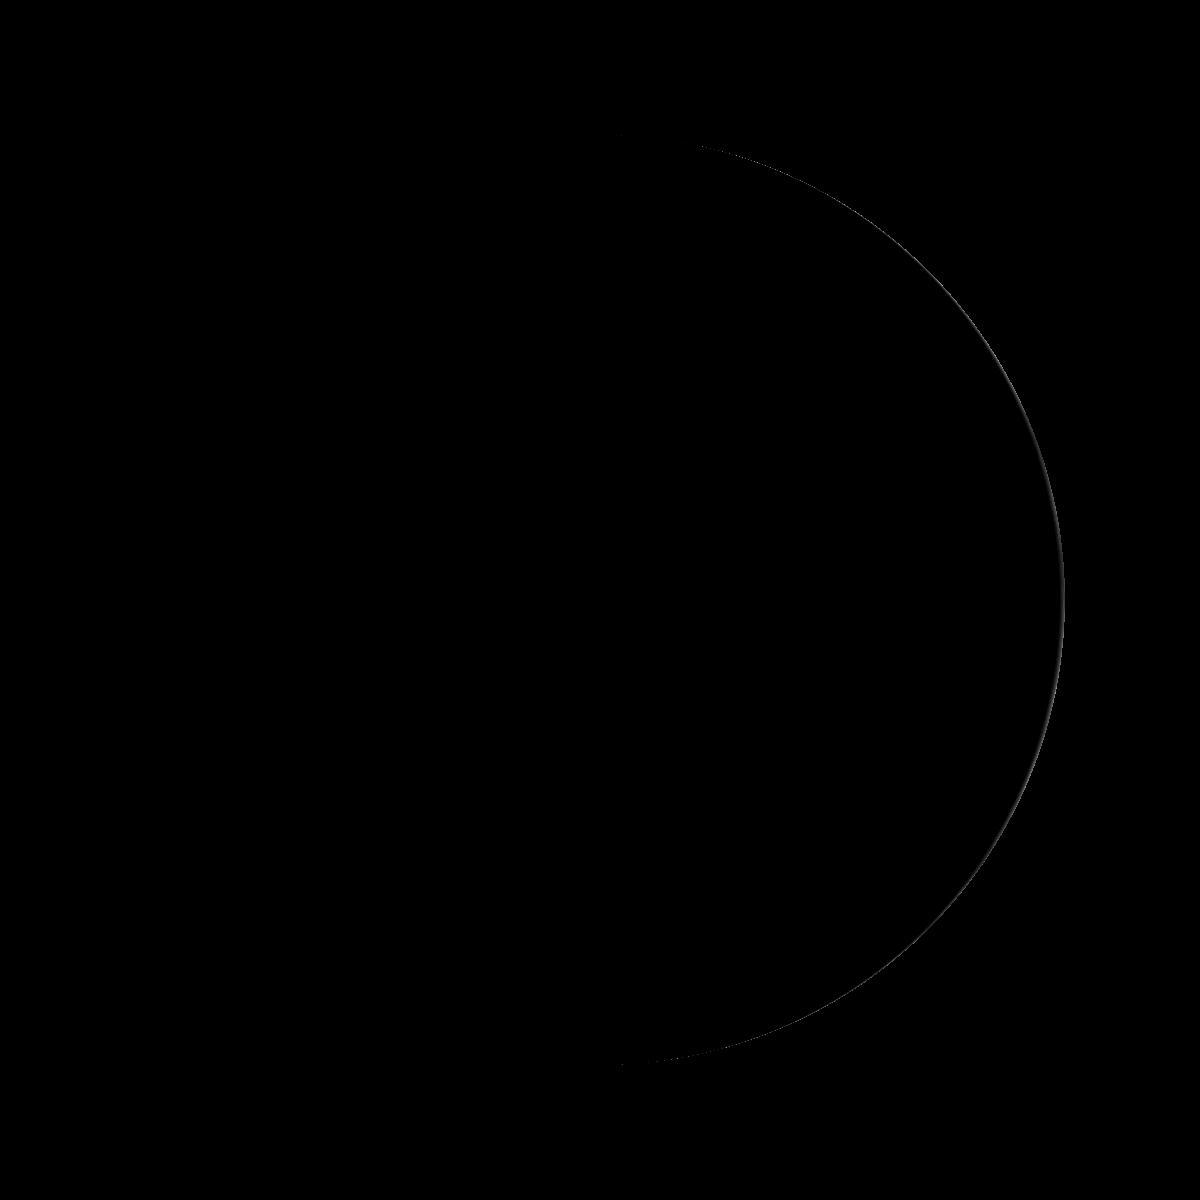 Lune du 22 juin 2020